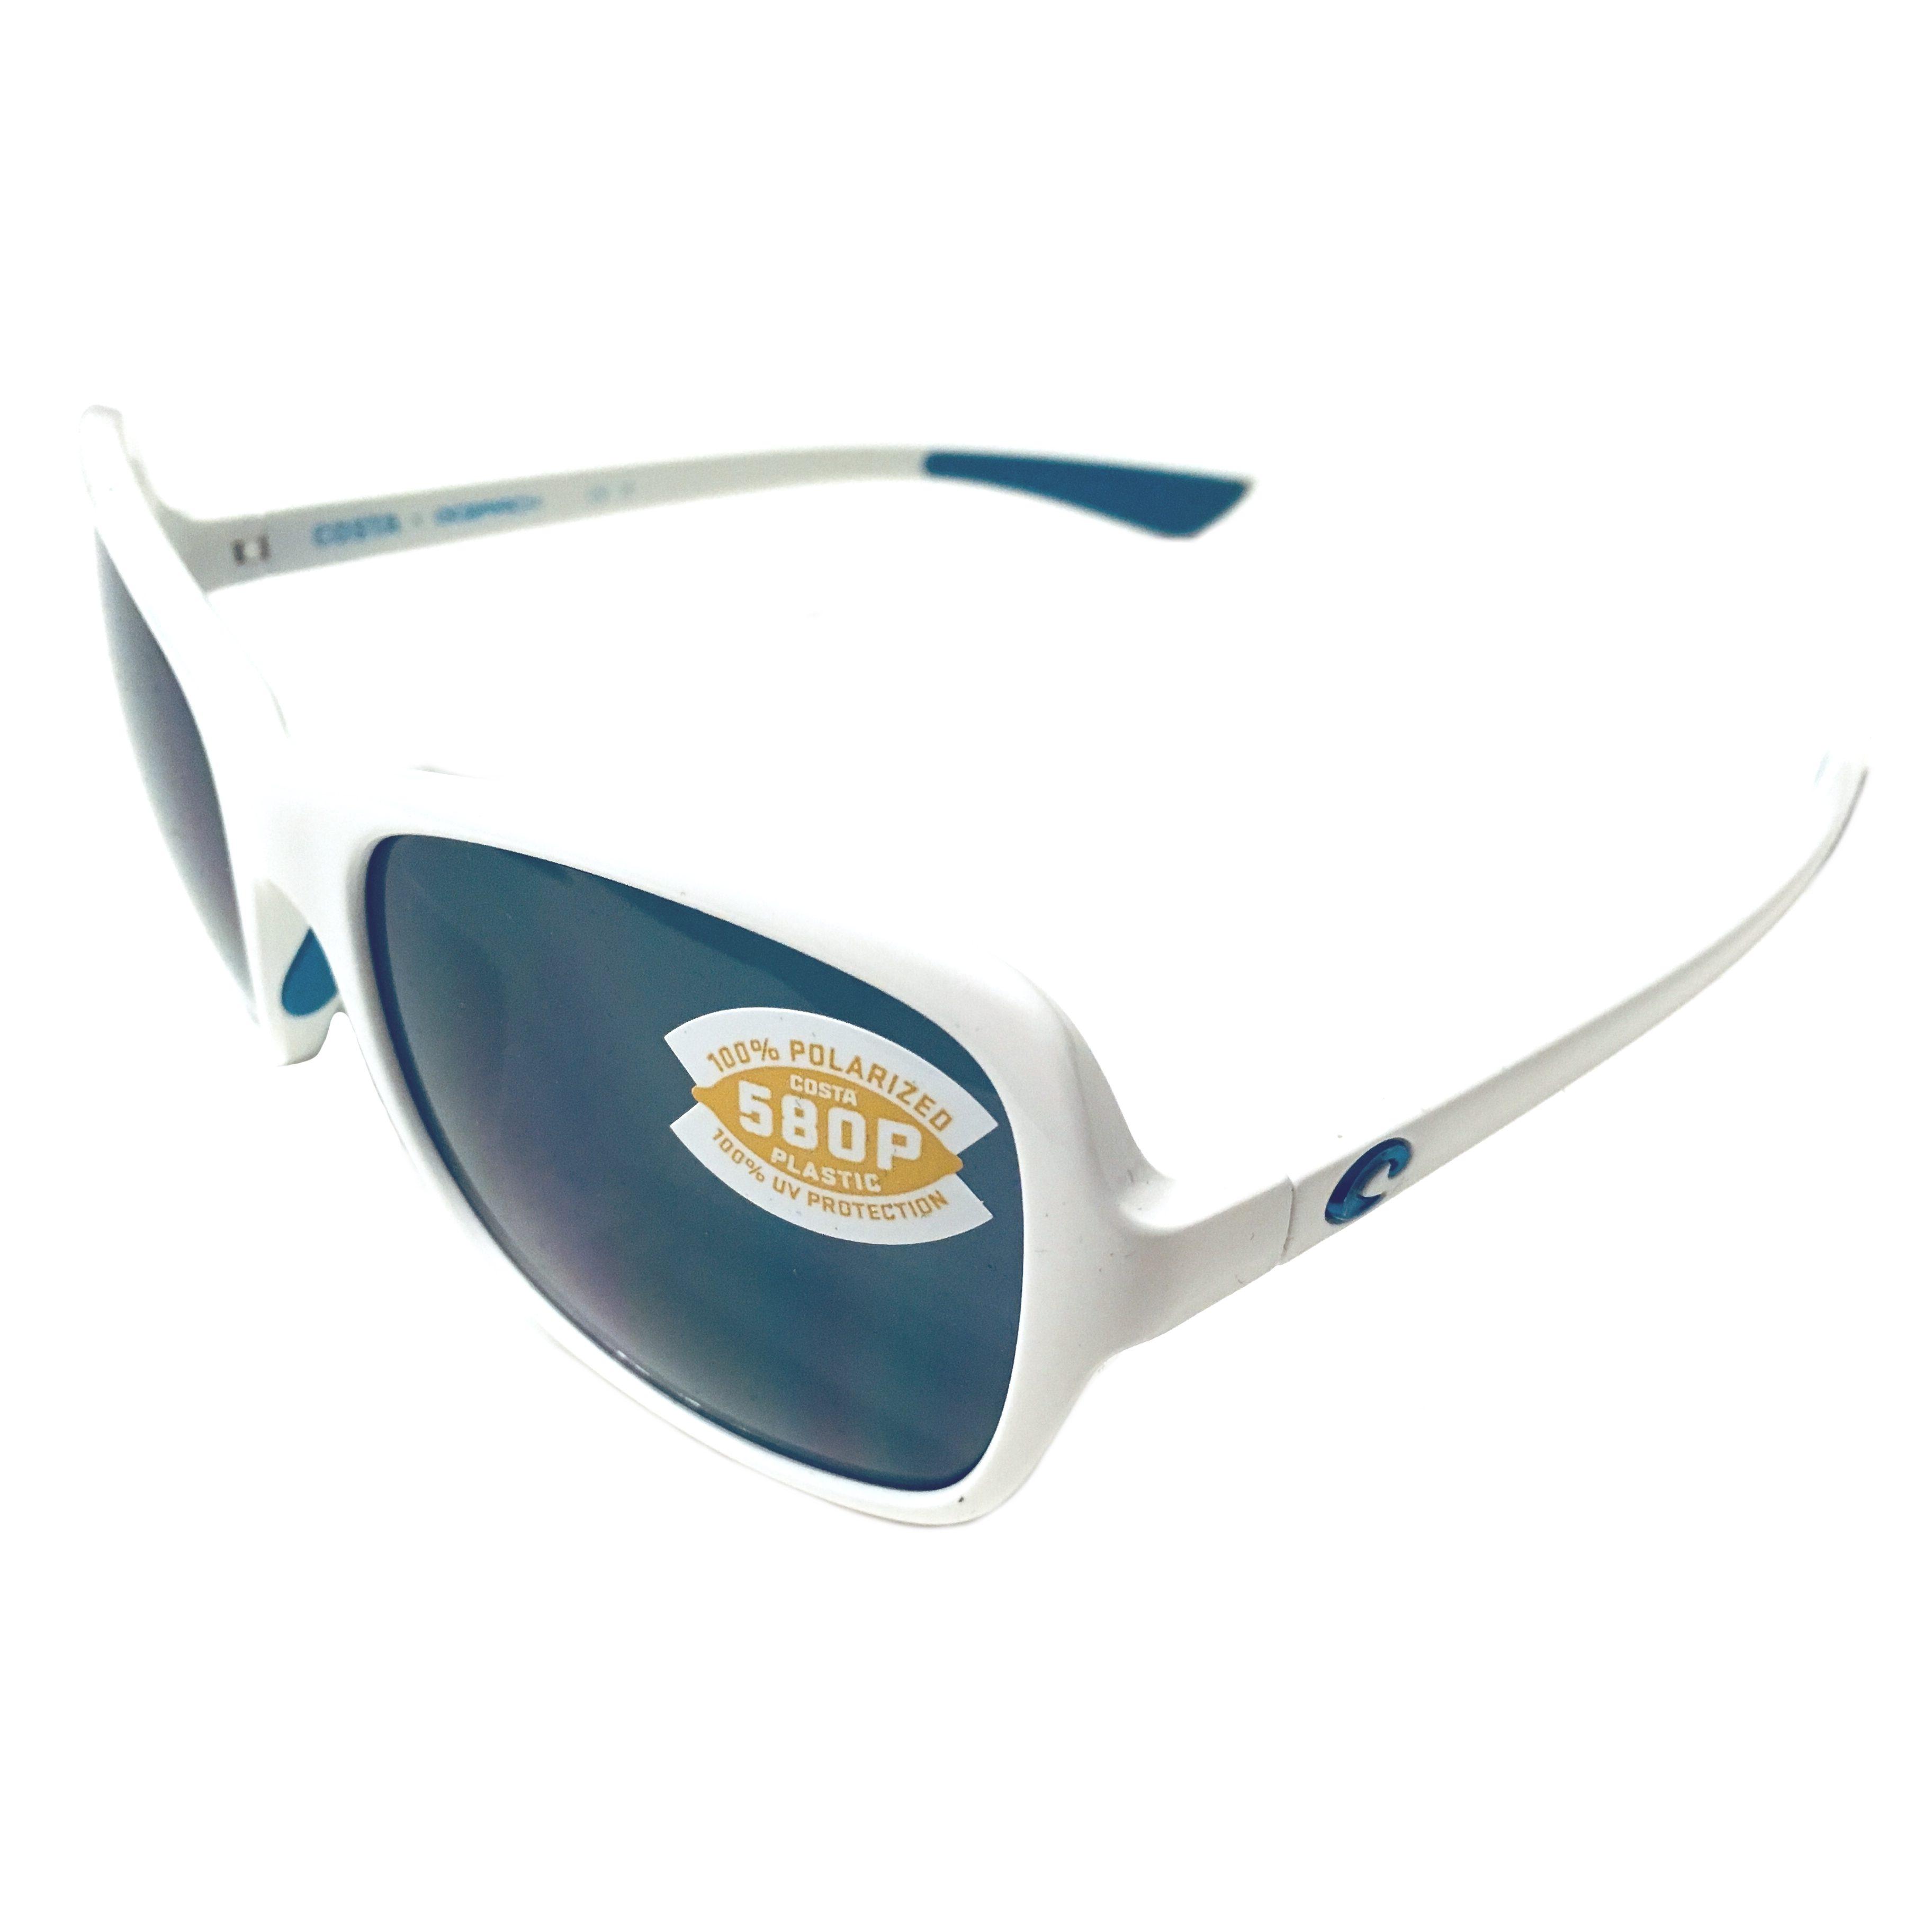 dd5d3a469ed6 Costa Del Mar Kare Sunglasses - Great White Ocearch - POLARIZED Gray 580P